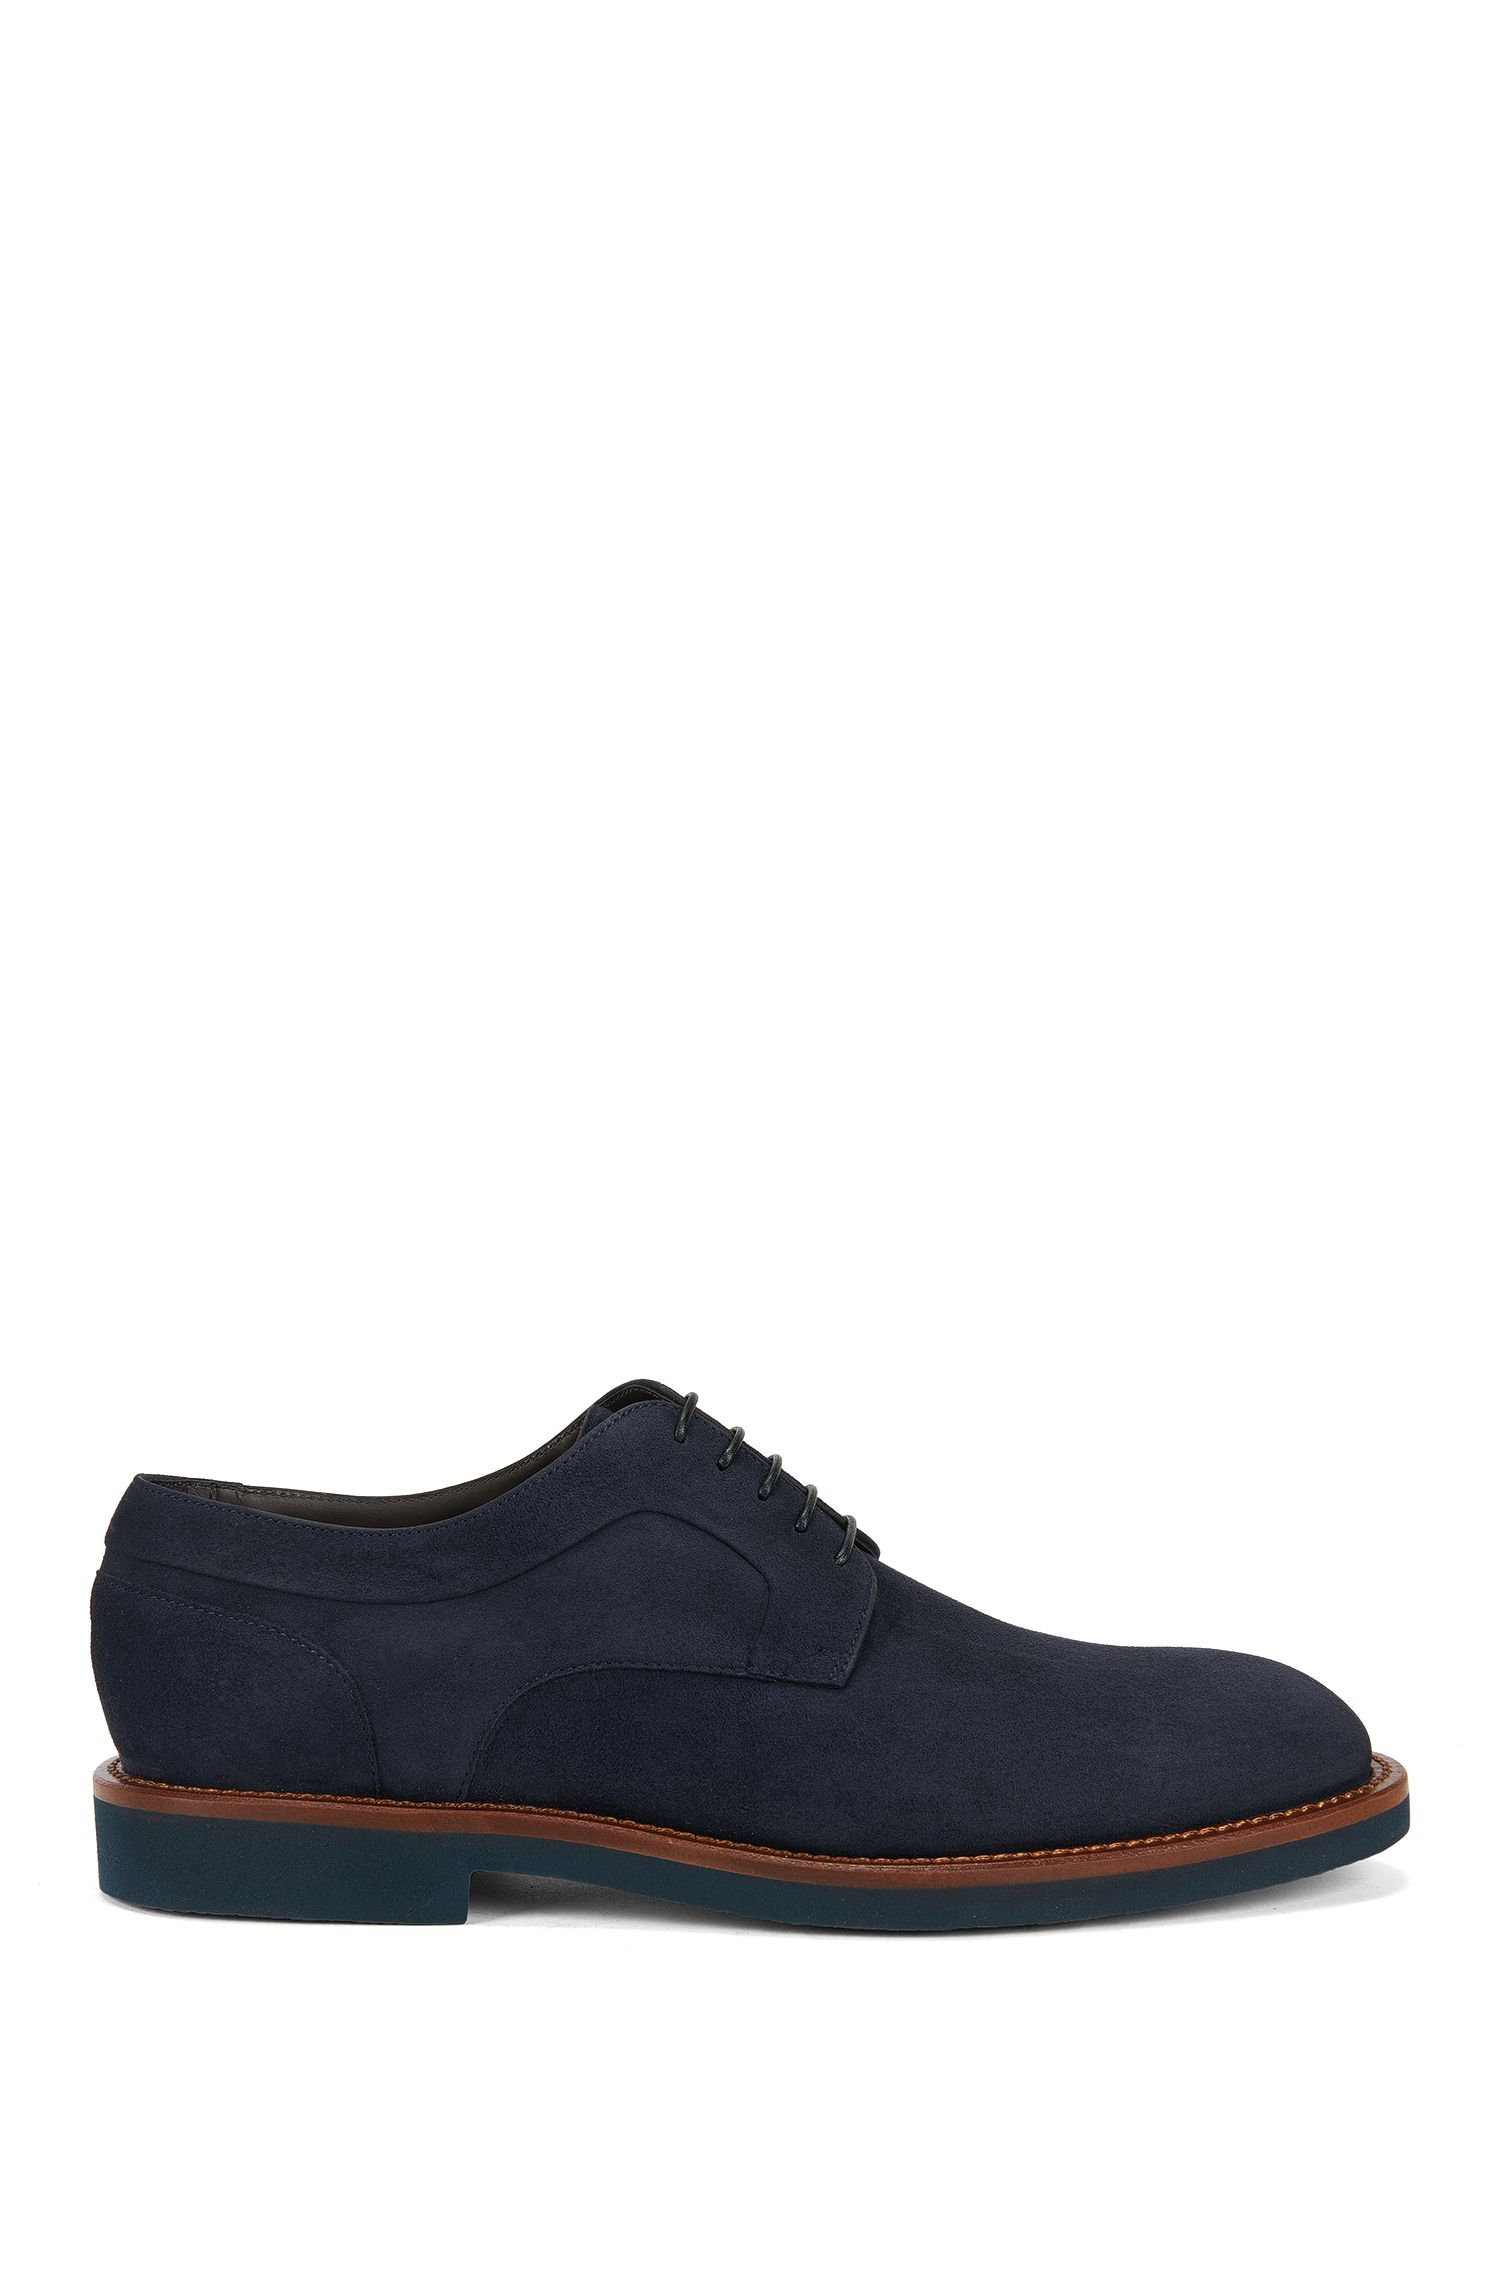 Chaussures derby lacées en daim